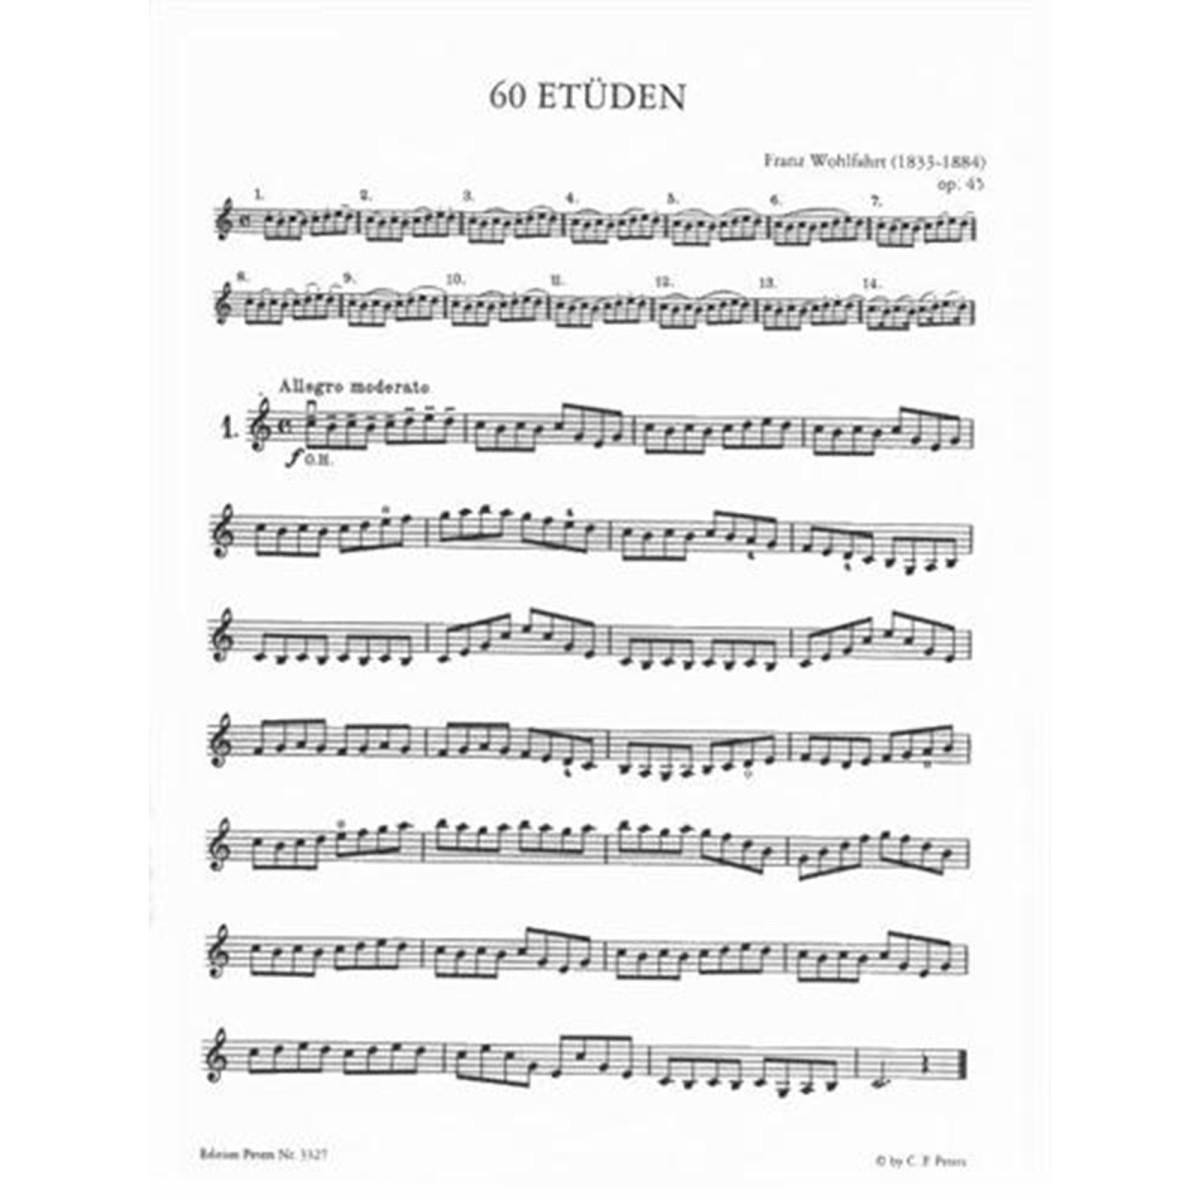 Wohlfahrt Op.45 No.1